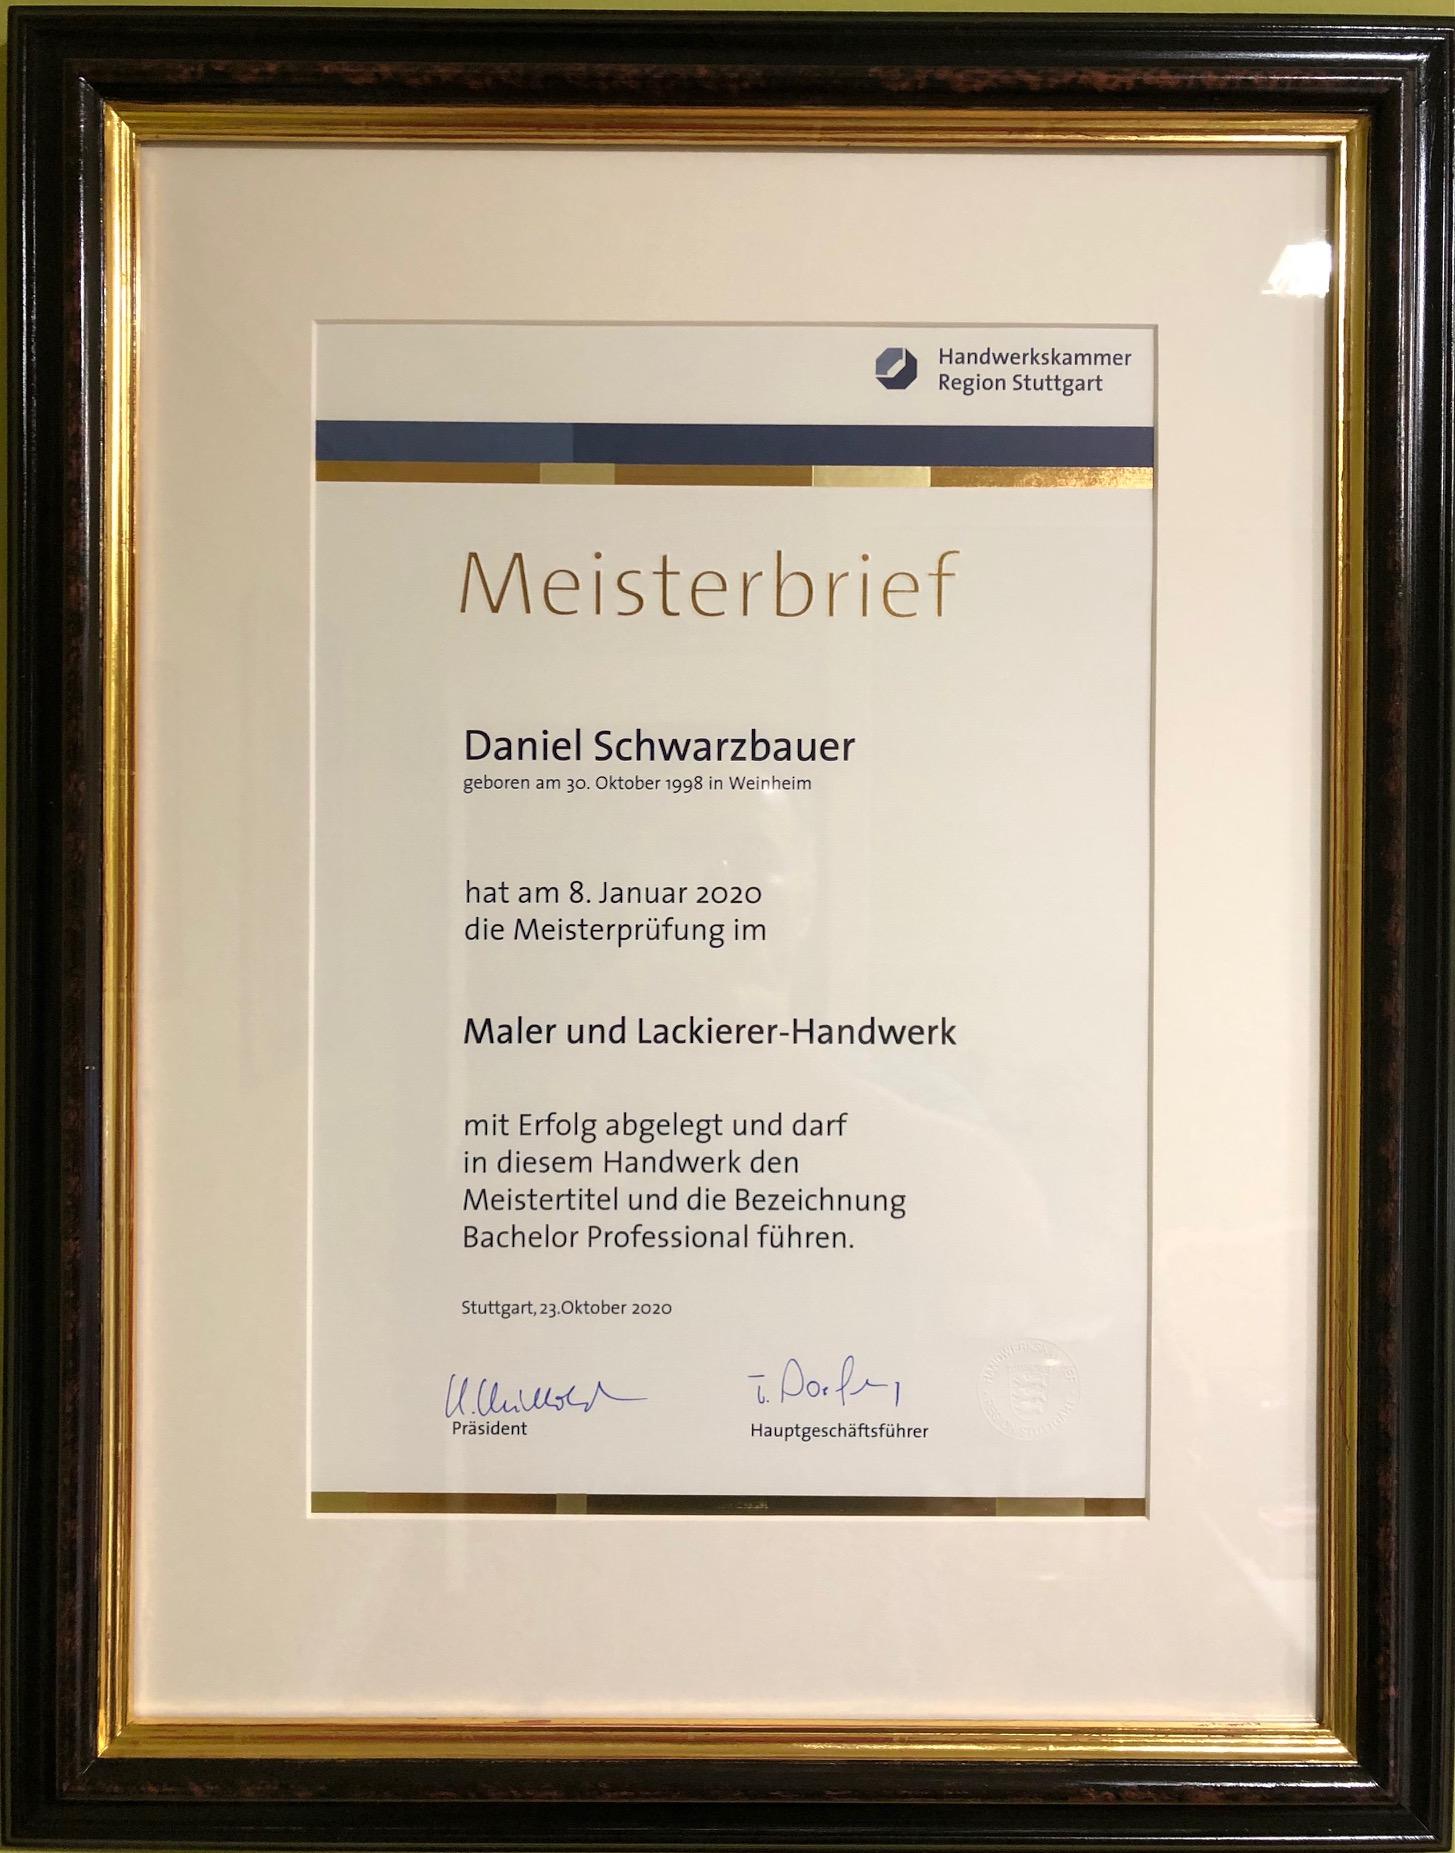 Meisterbrief Daniel Schwarzbauer